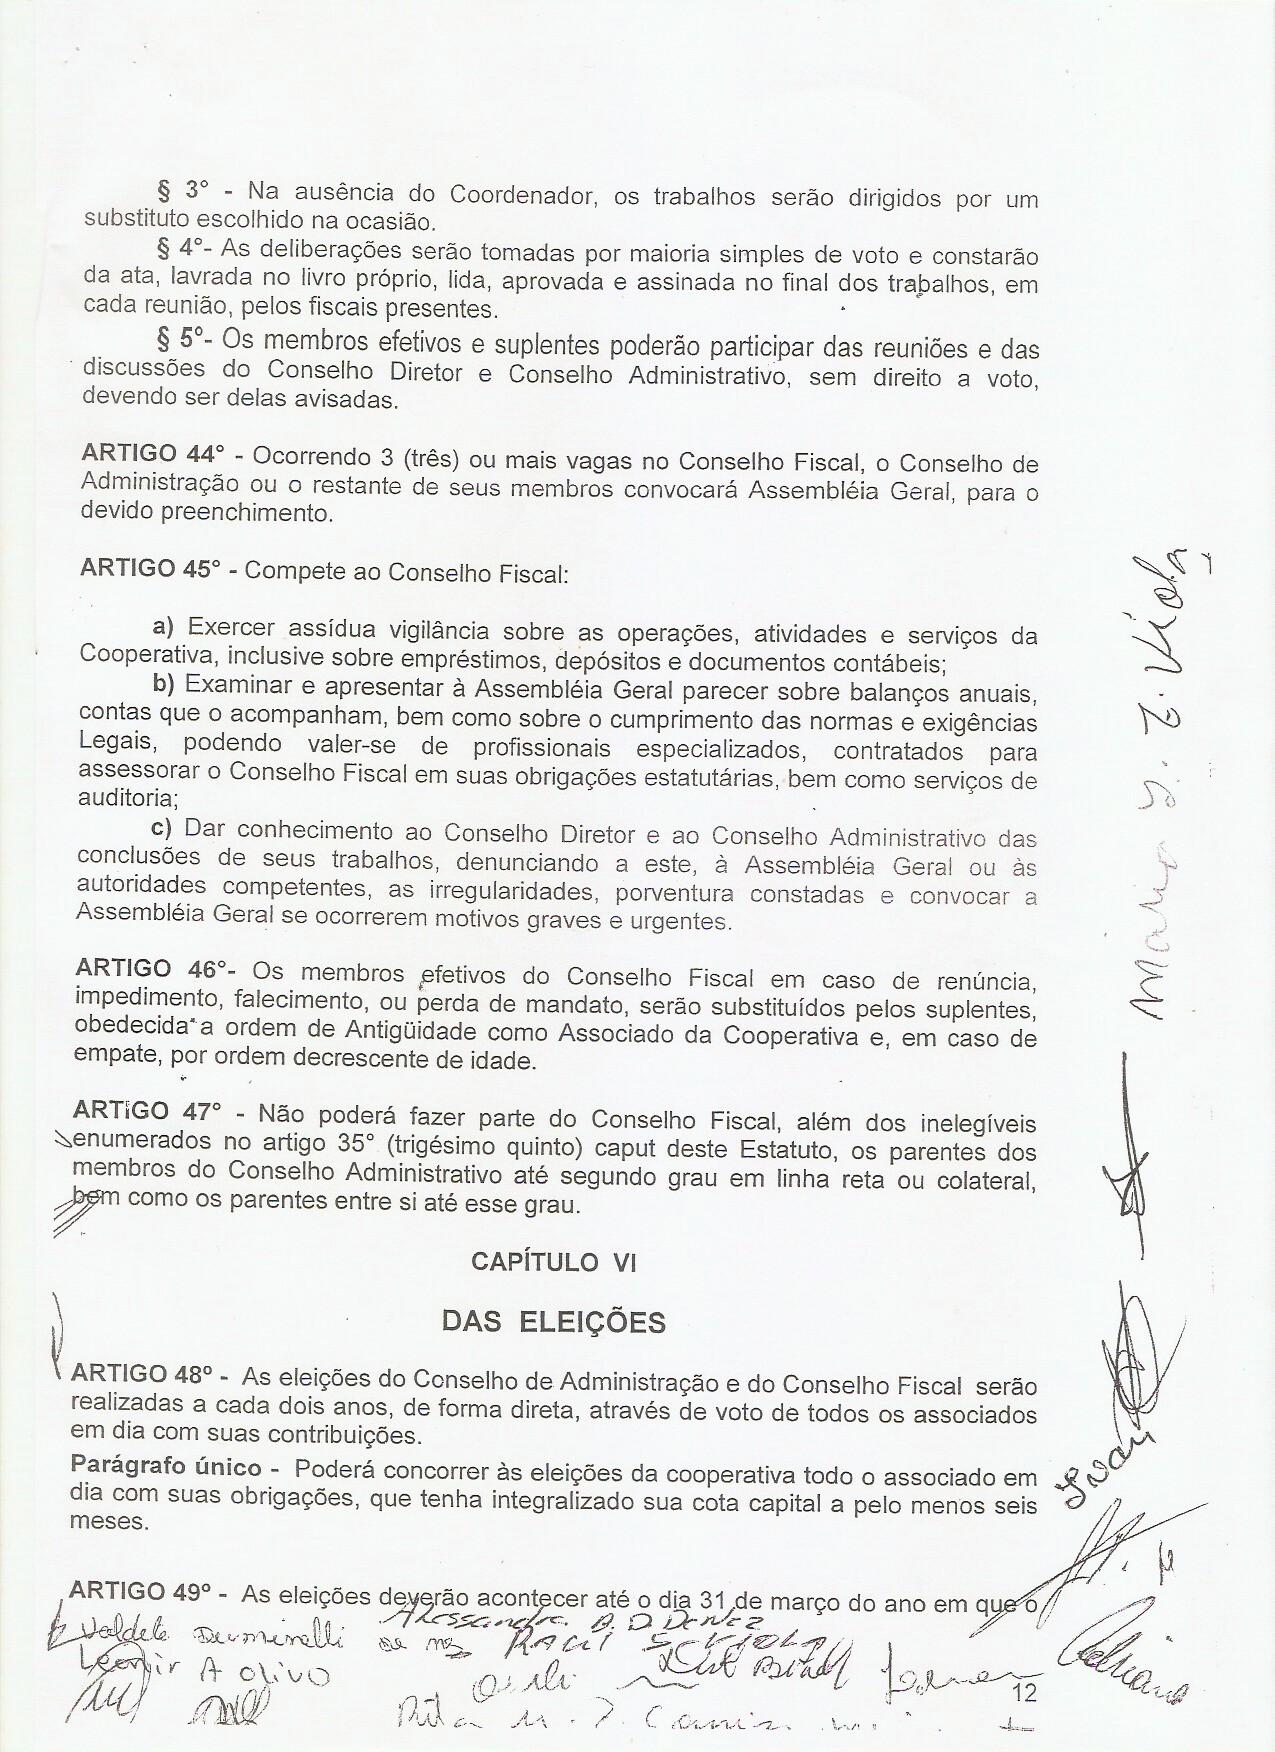 estatuto cooperbelluno_Página_12